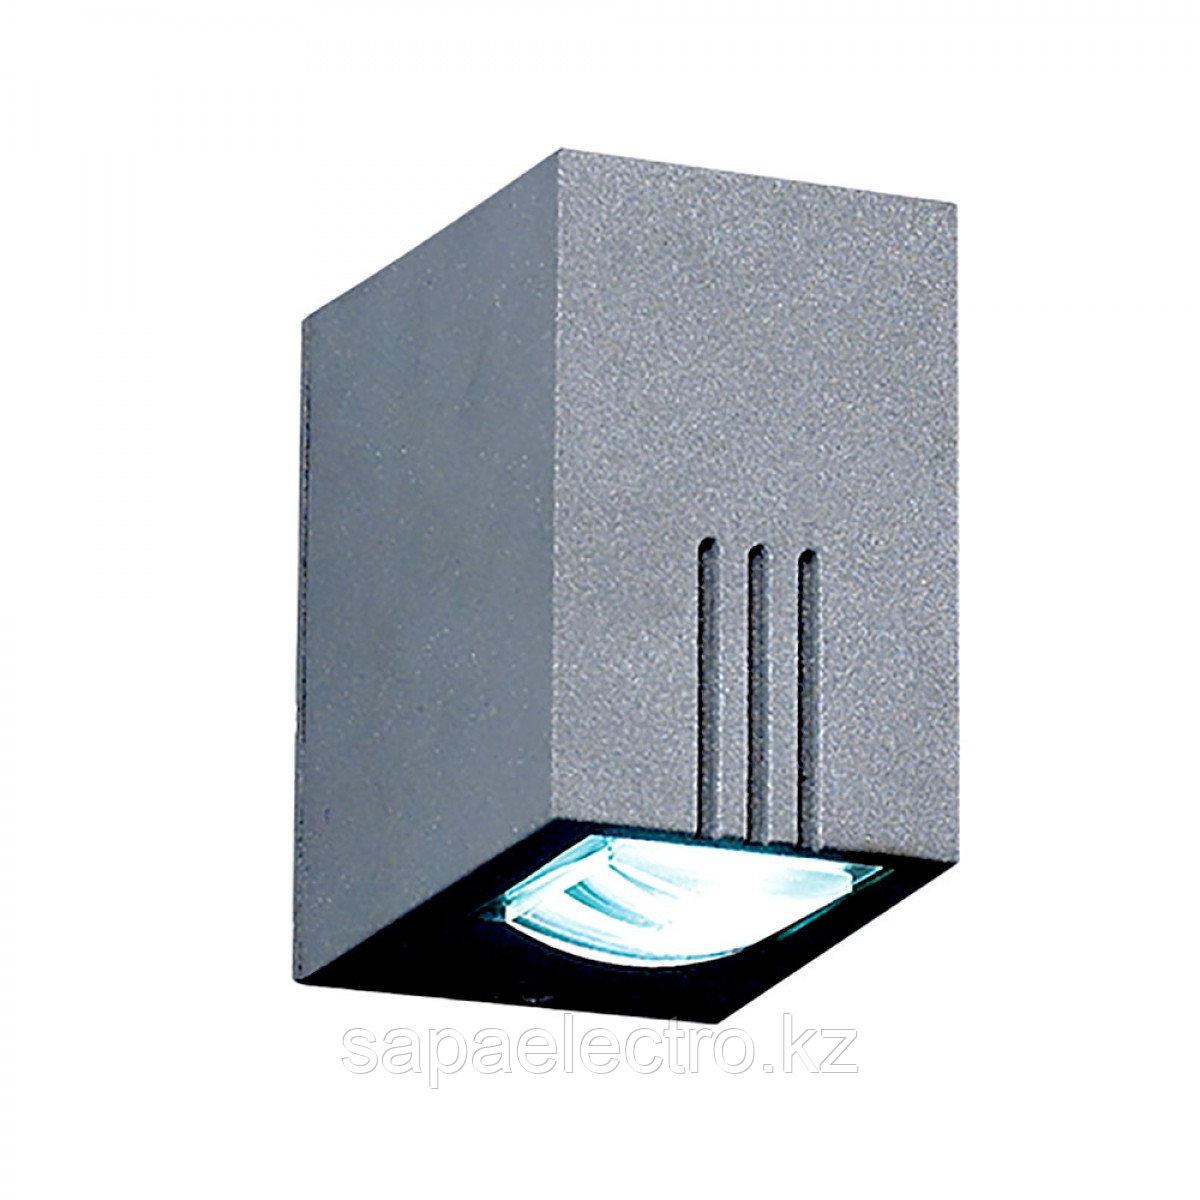 Свет-к  X3001   BLUE  1X3W  LED  IP54 (TEKSAN)40шт